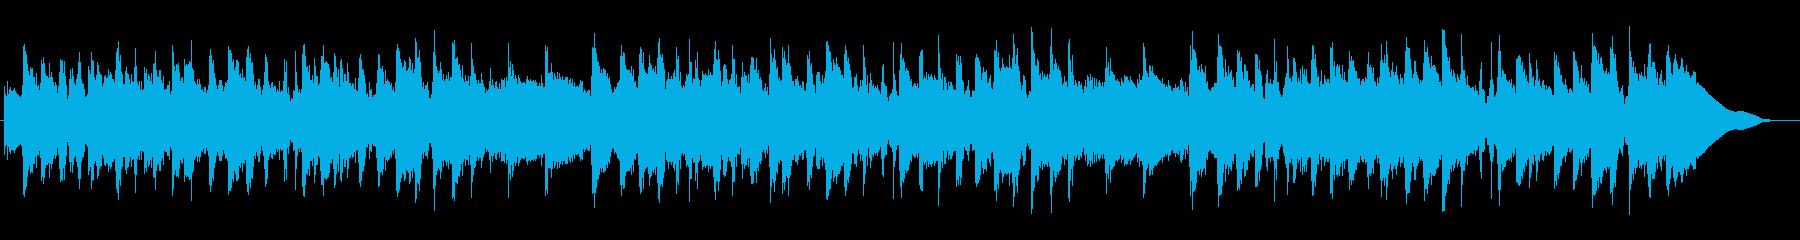 ミディアムテンポのバーで演奏されていそうの再生済みの波形